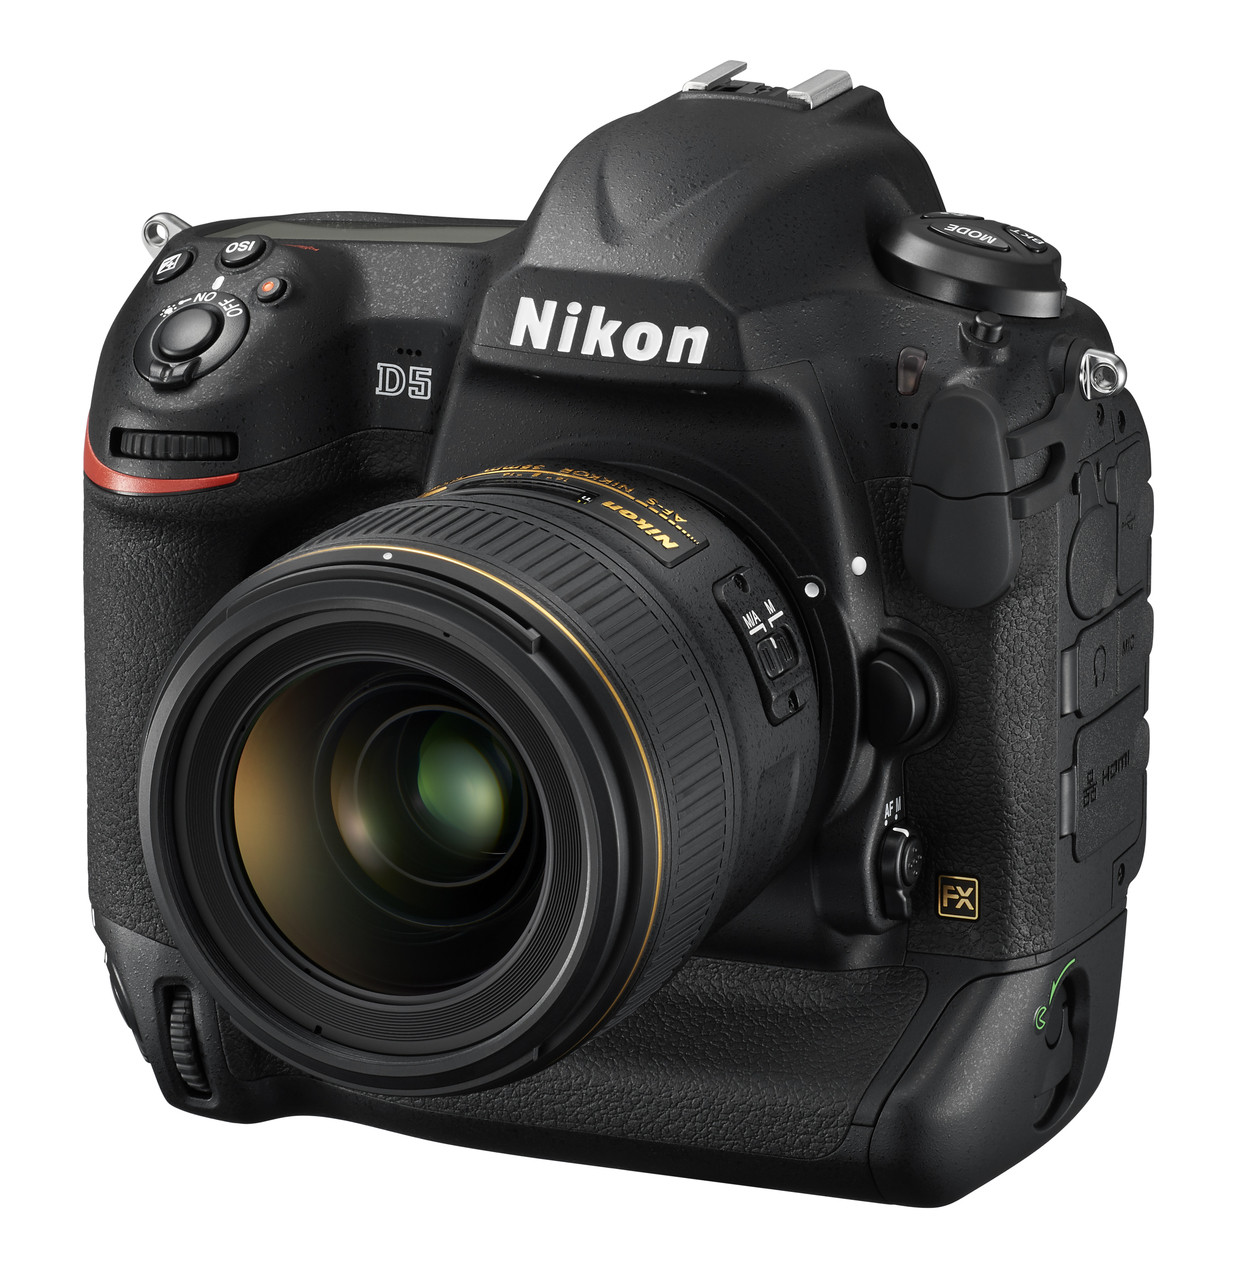 Nikon D5 Front Left